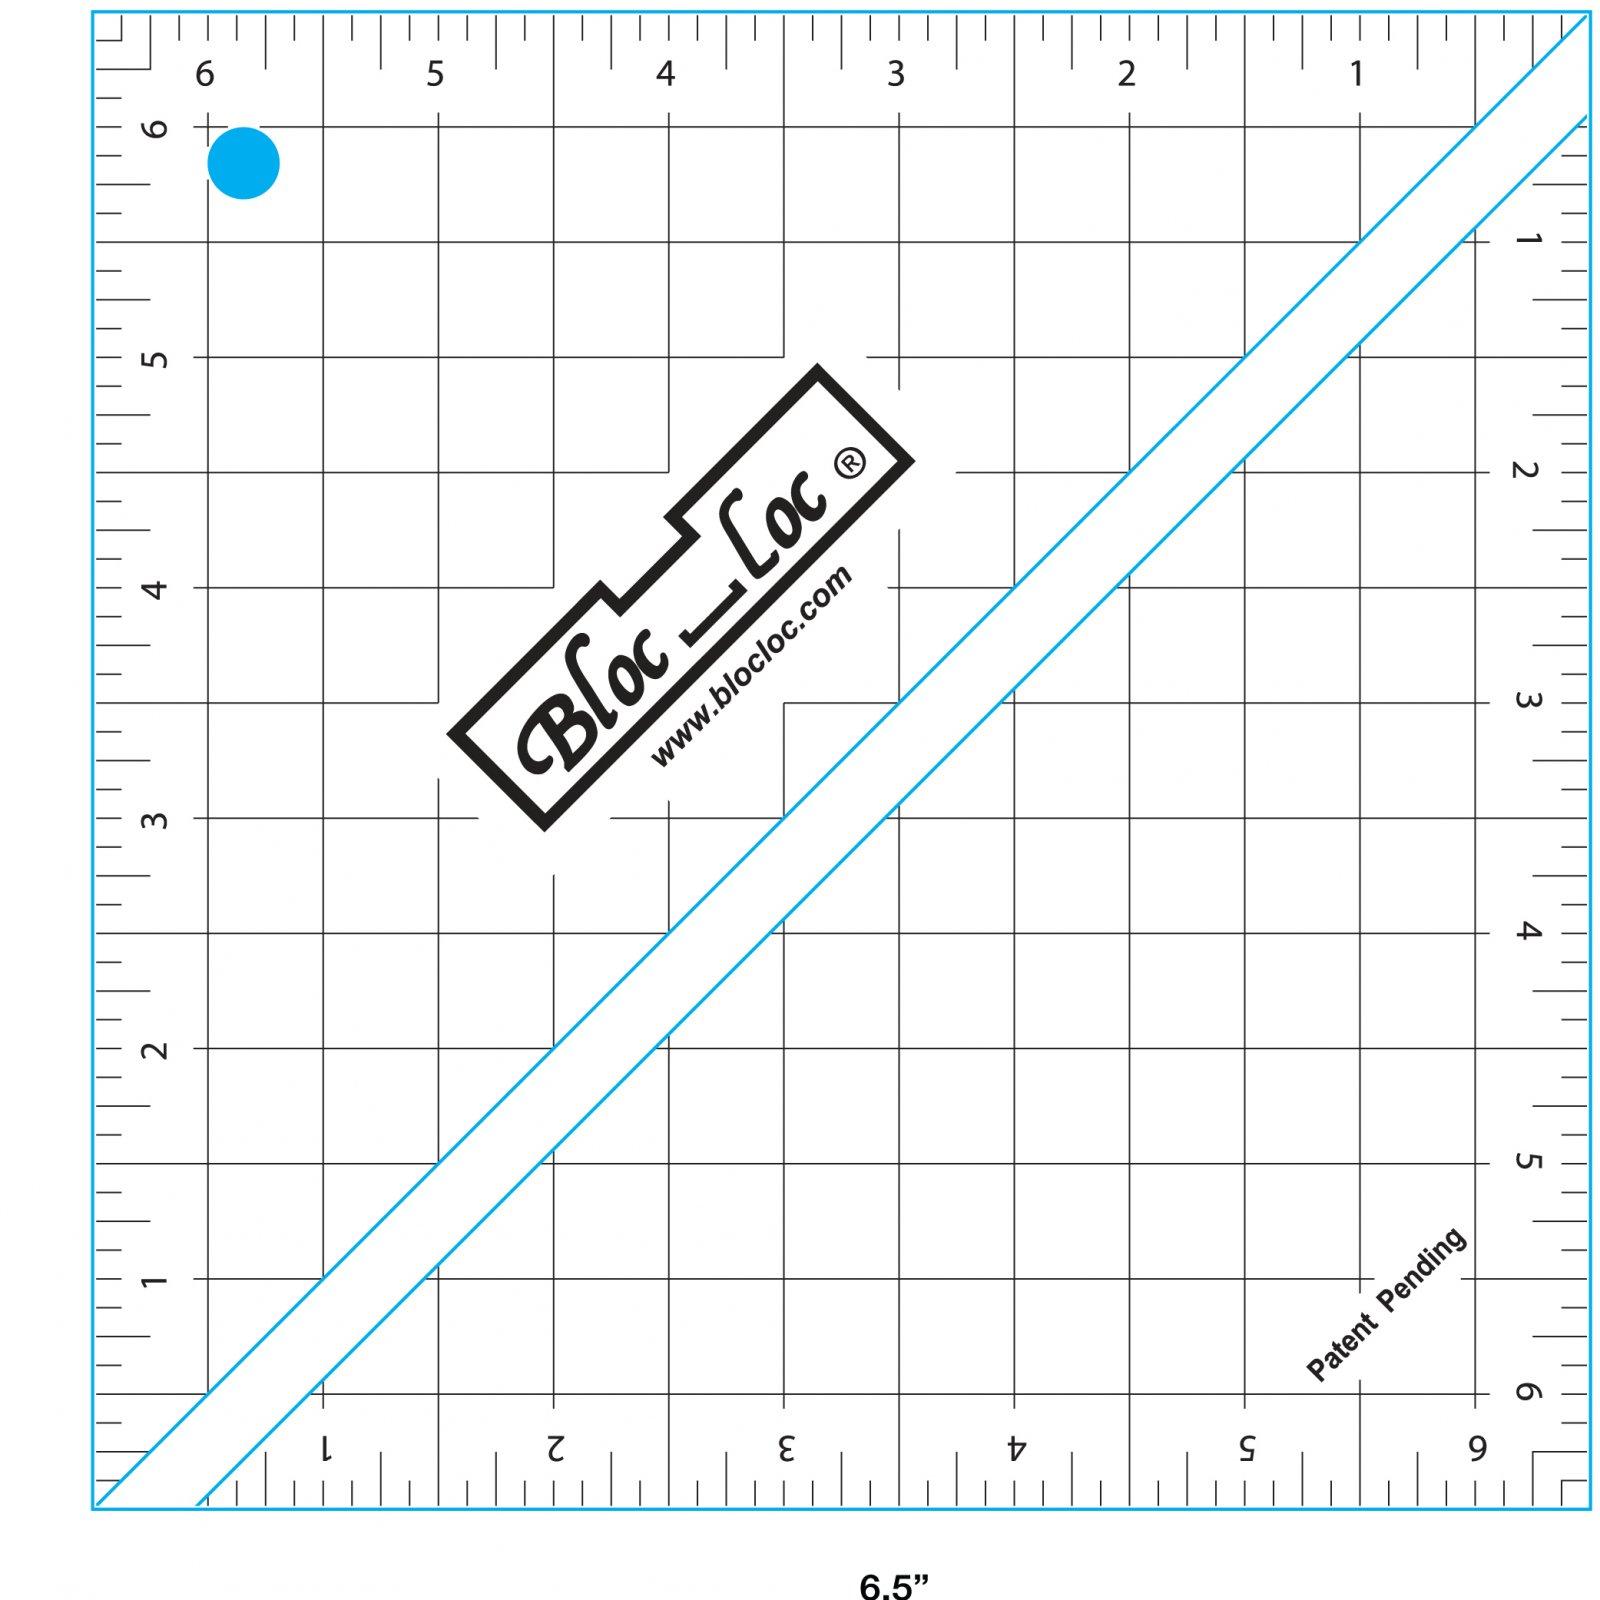 Bloc Loc - Half Square Triangle Ruler (6.5)